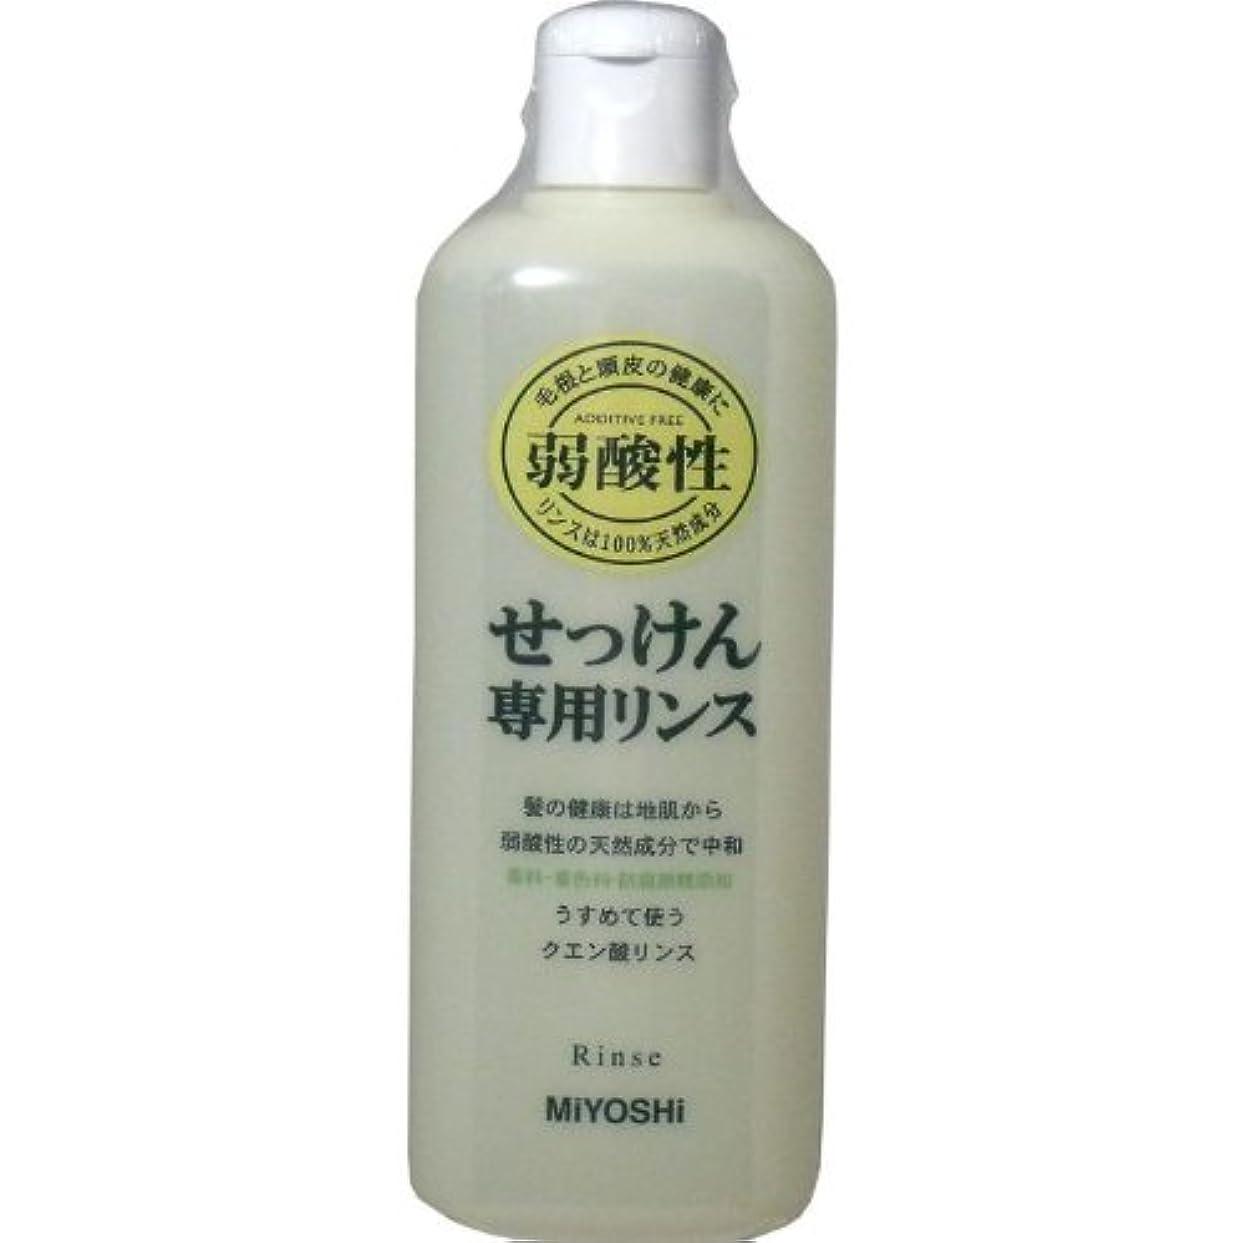 許されるスクレーパー形状髪の健康は地肌から、弱酸性の天然成分で中和!!香料、防腐剤、着色料無添加!うすめて使うクエン酸リンス!リンス 350mL【4個セット】